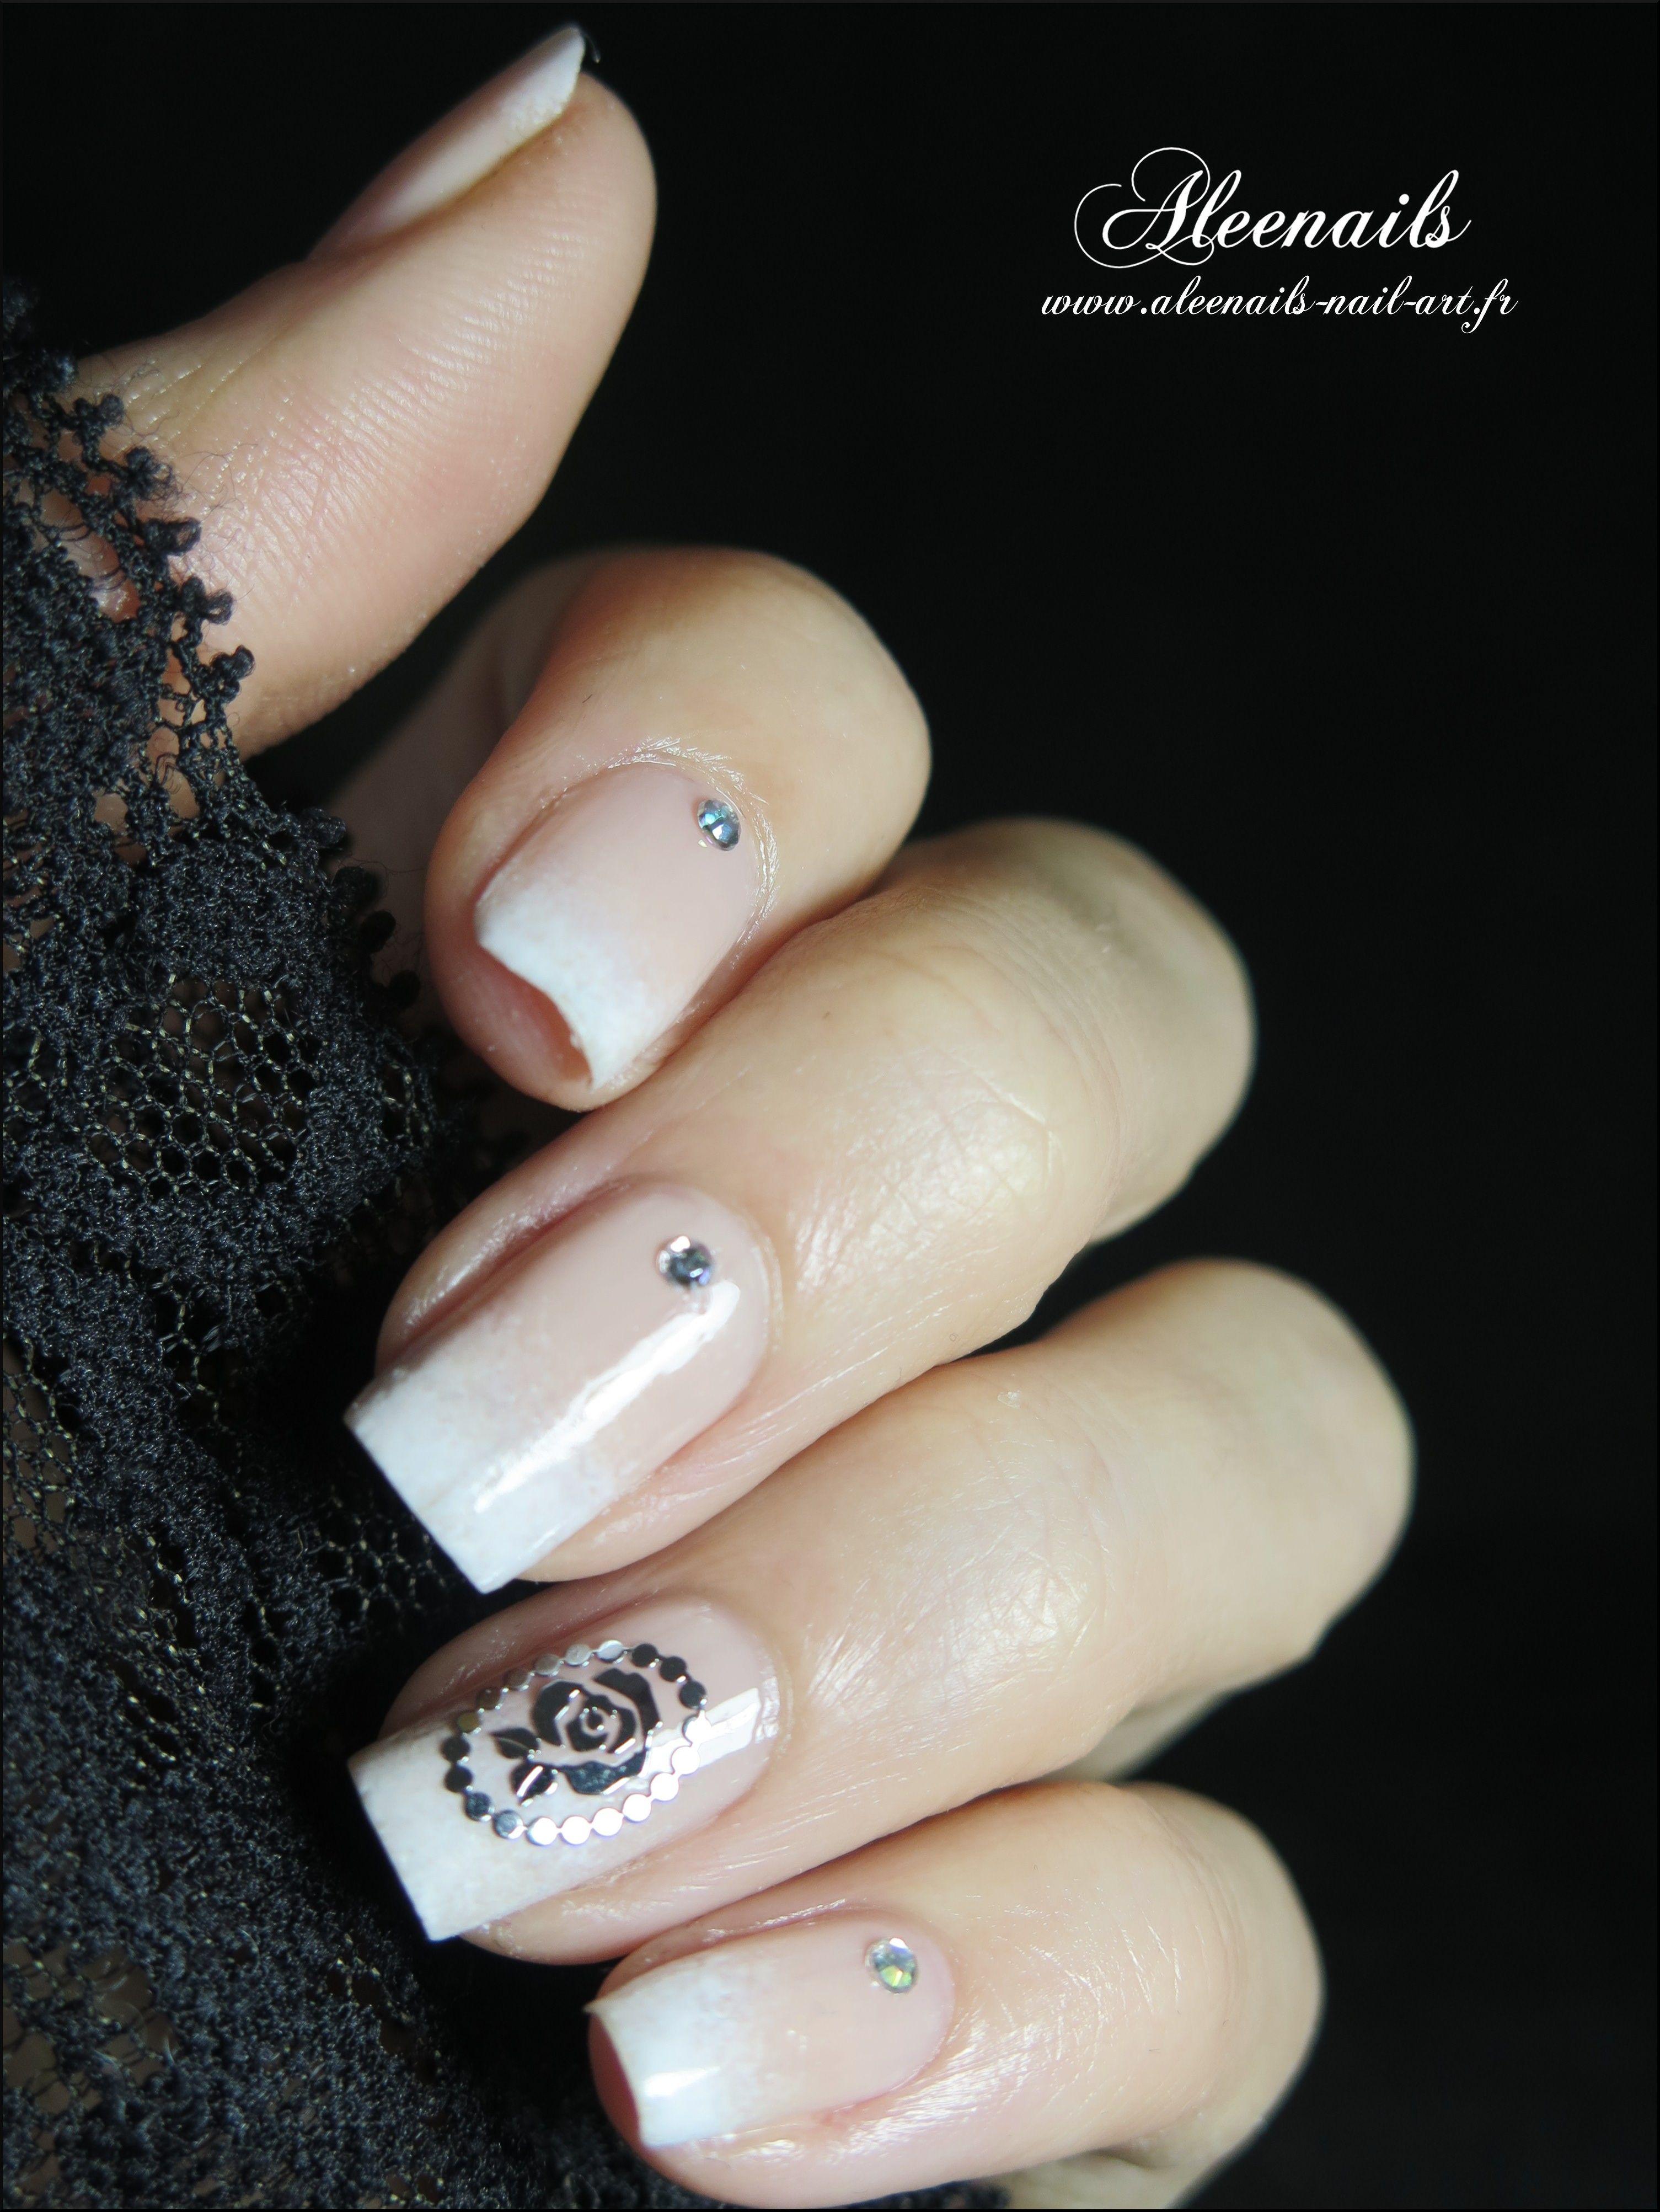 http://aleenails-nail-art.fr/babyboomer-rose-metallique/   Mani/Pedi ...